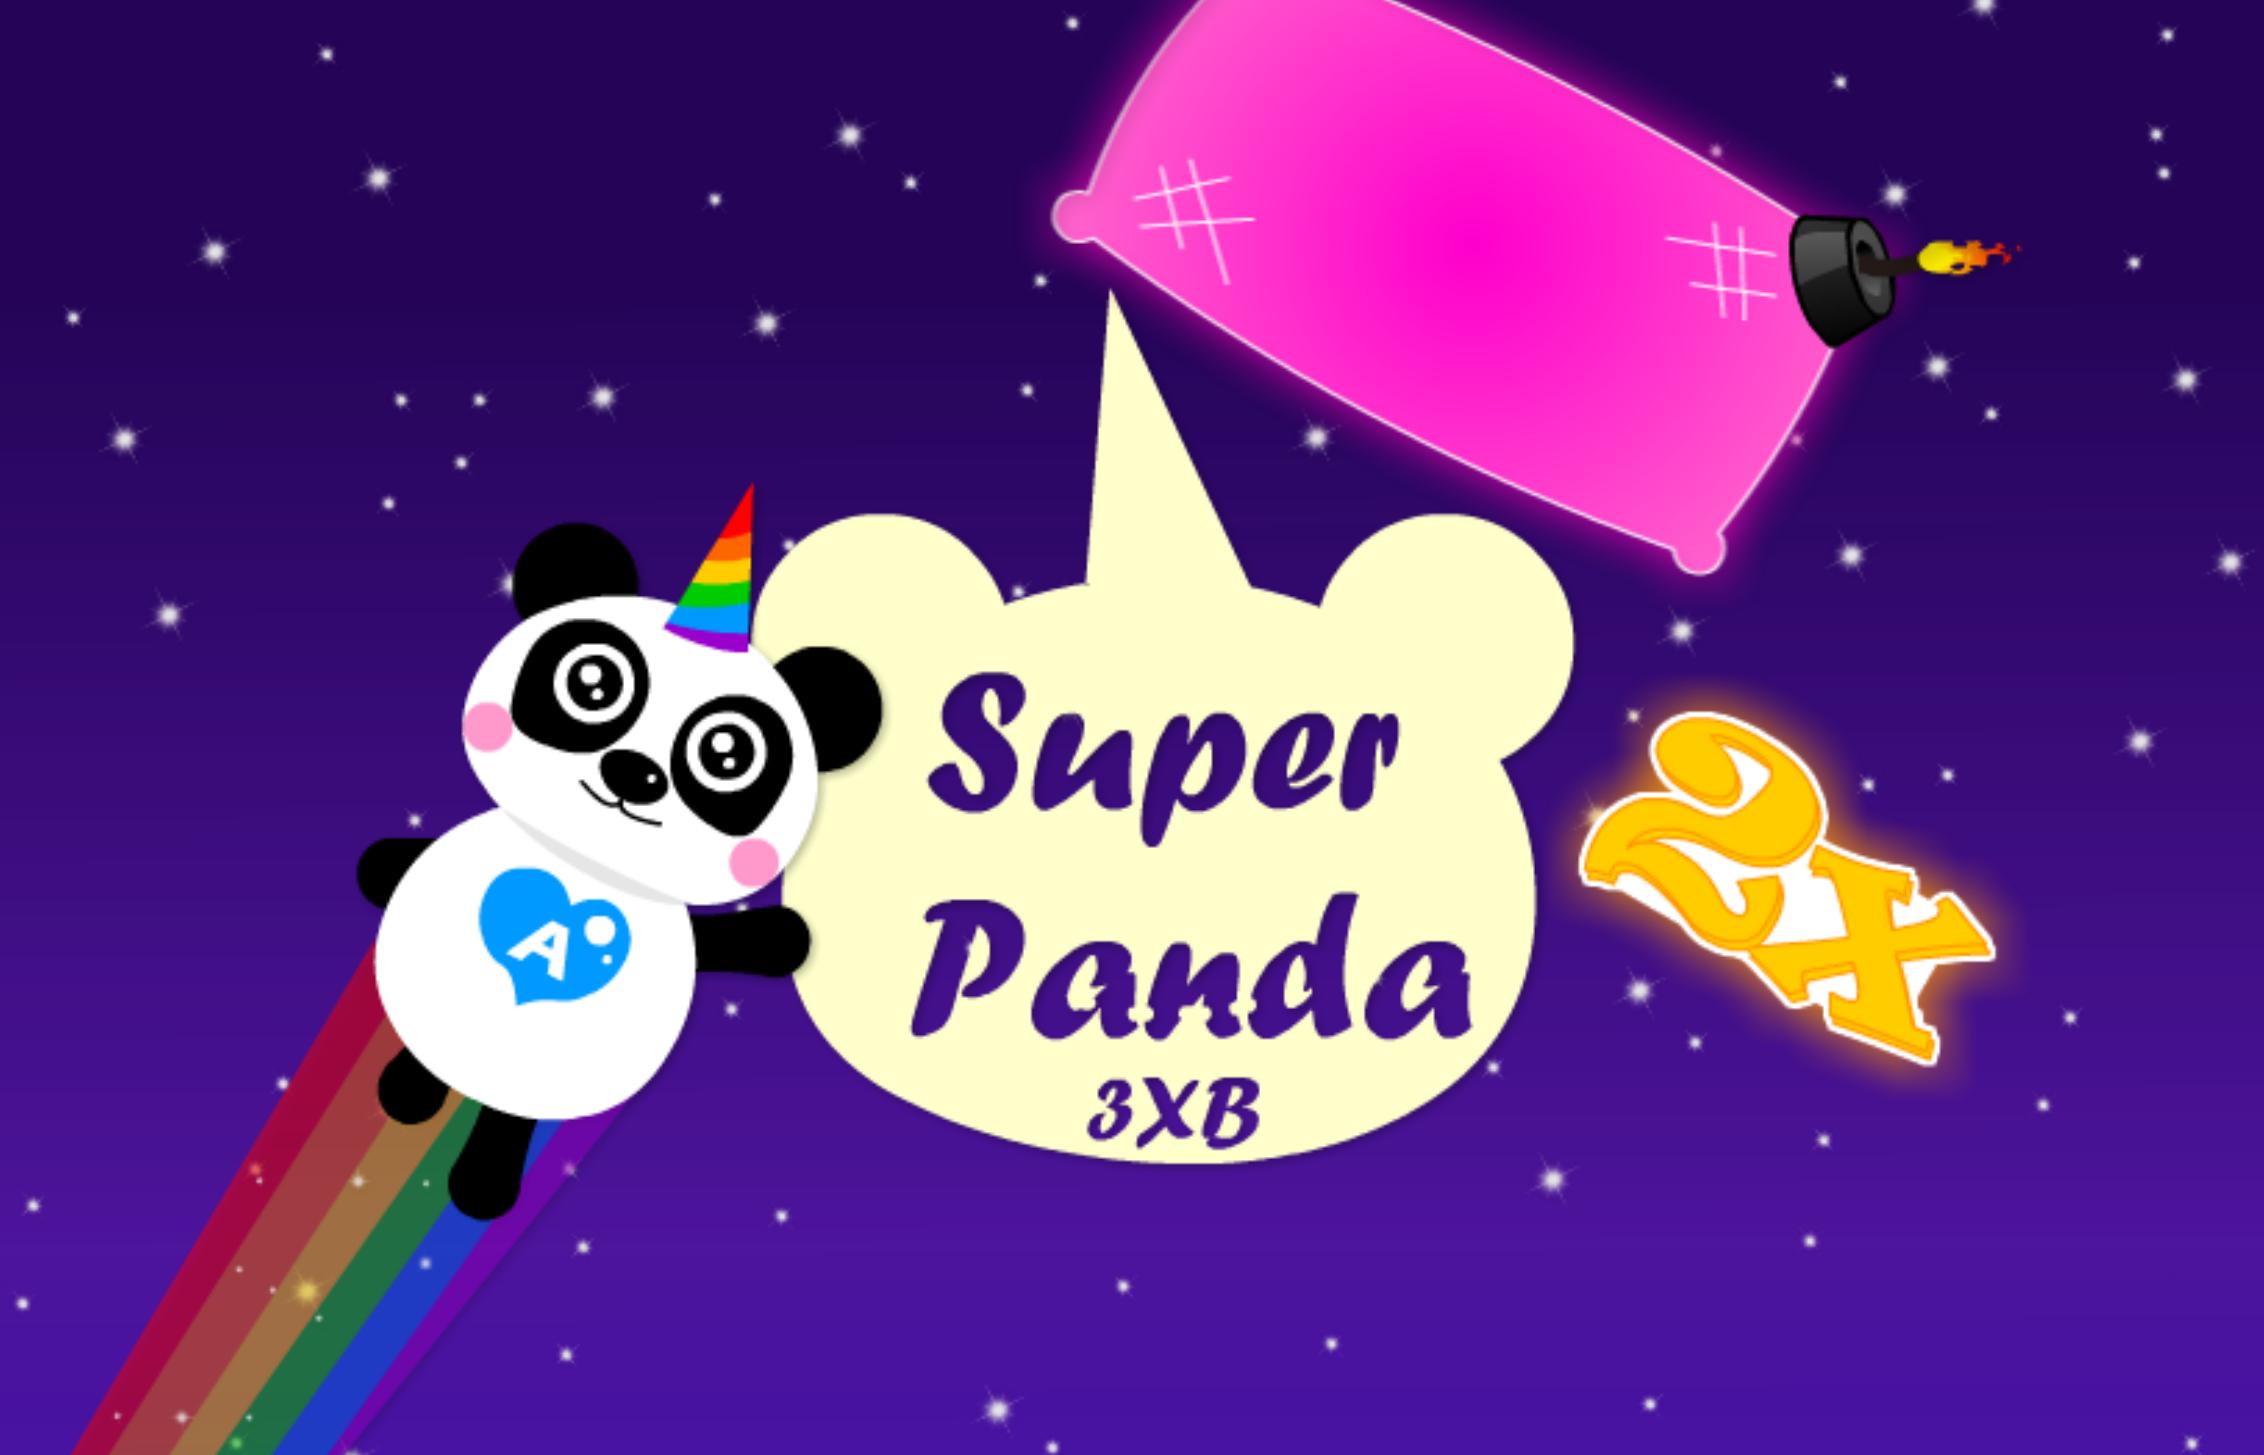 Super Panda 3xb